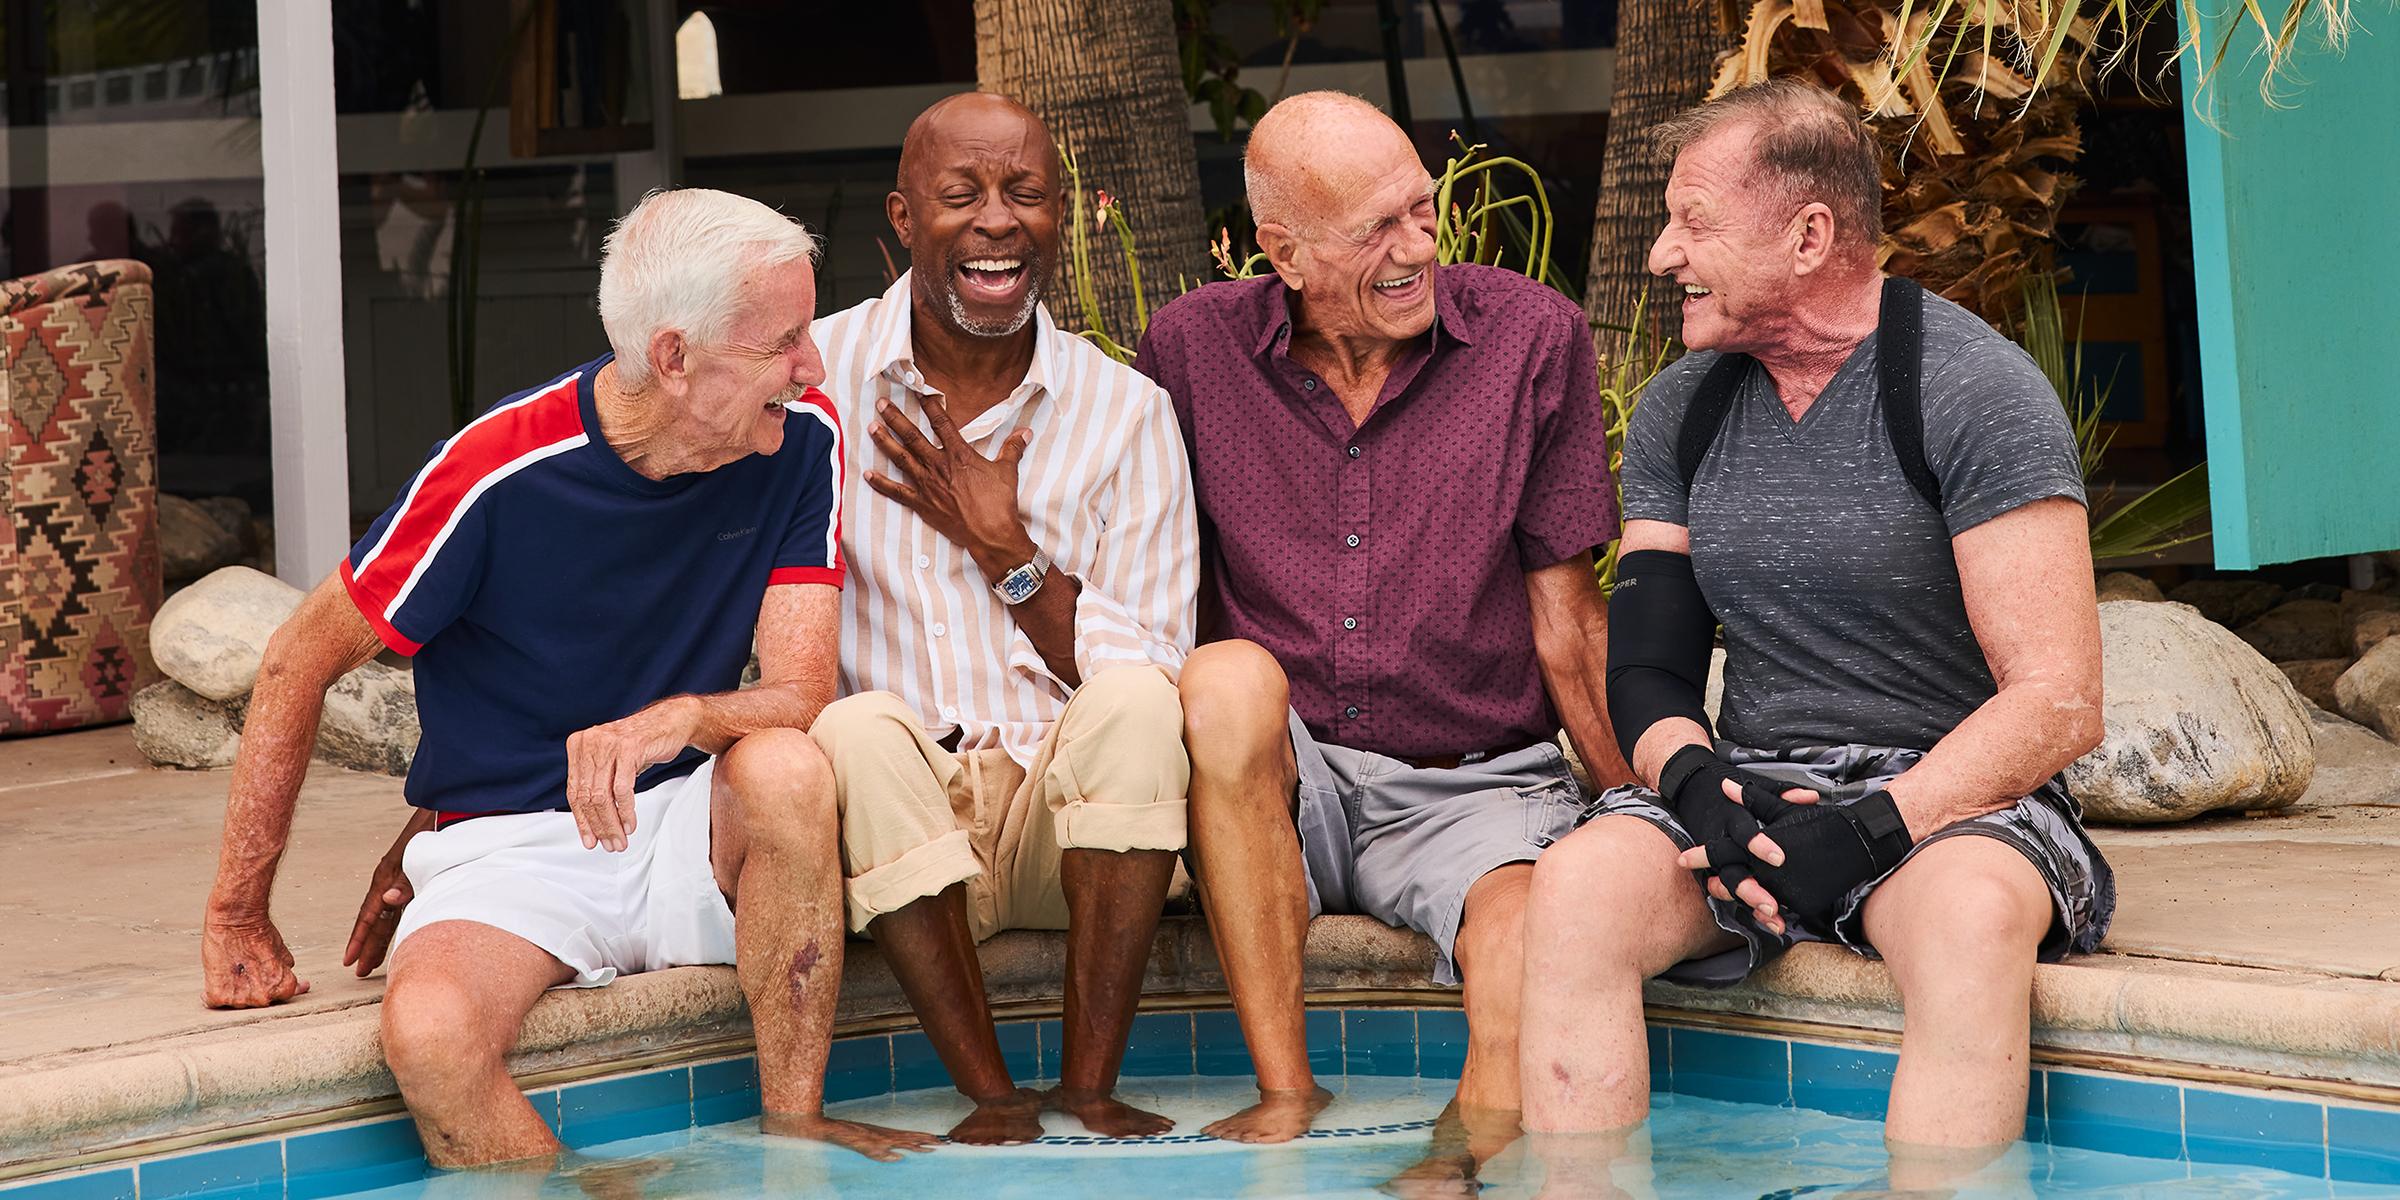 Grandpa gay old Old Men